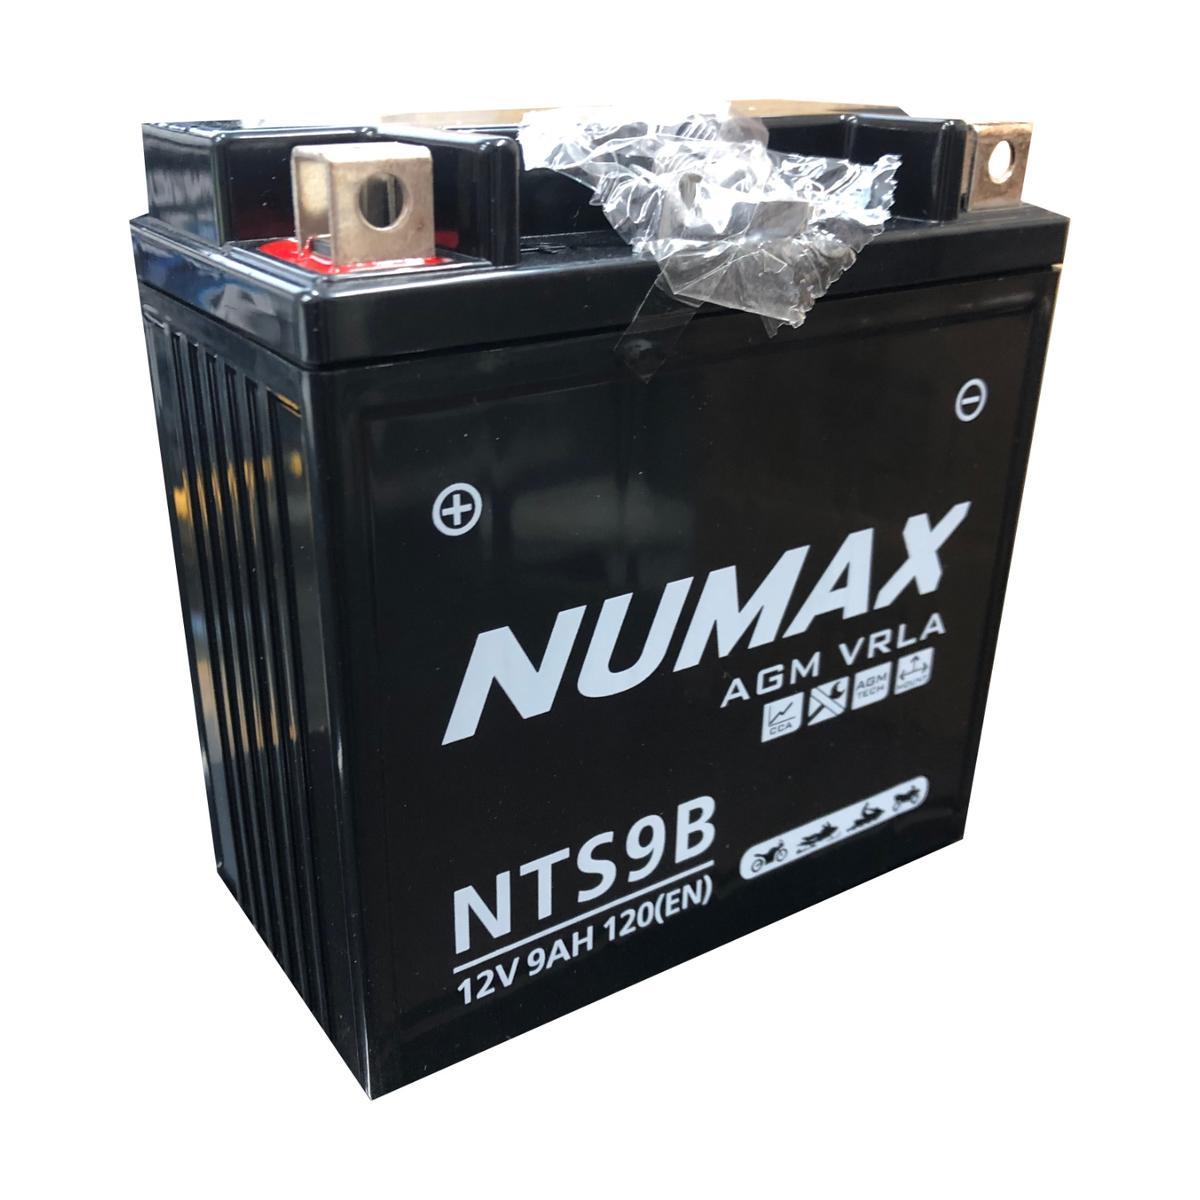 Numax NTS9B 12v Bike Motorbike Motorcycle Battery PIAGGIO-VESPA 125cc XR1 YB9L-B